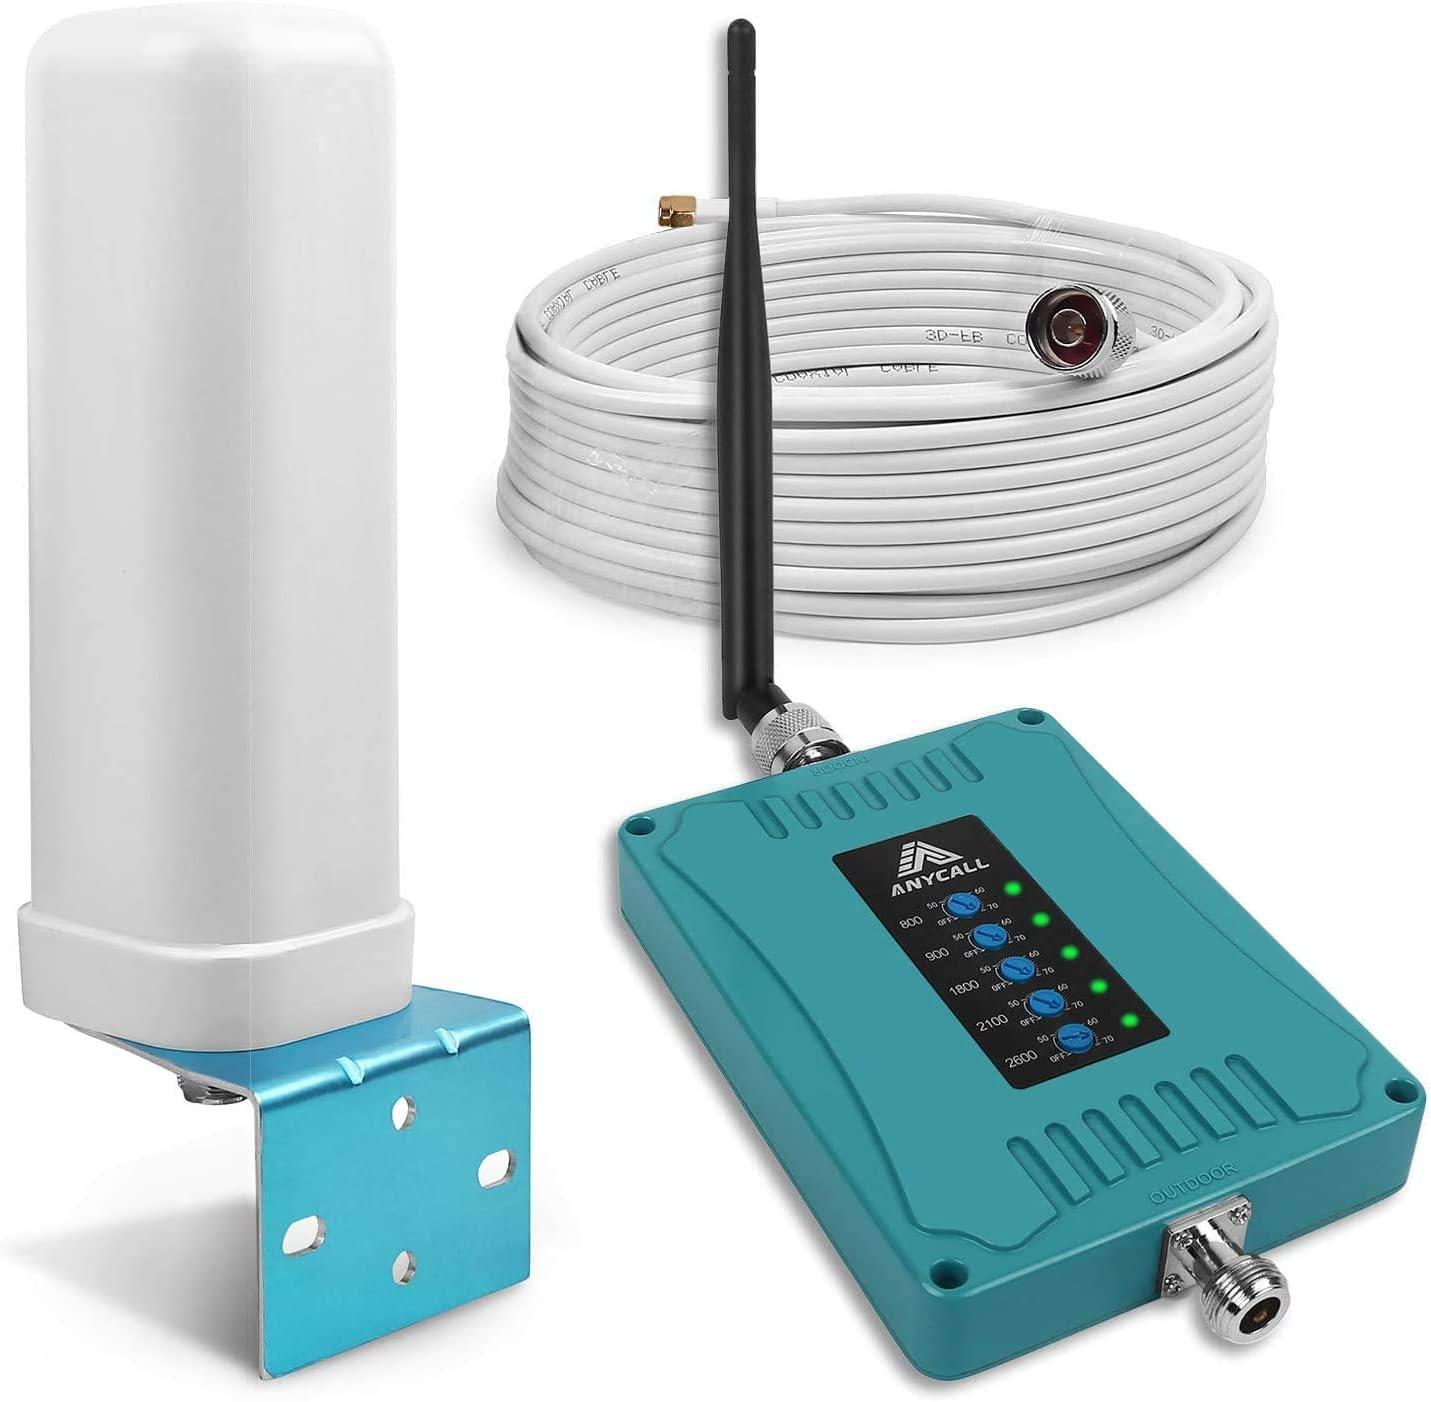 ANYCALL 5-Banda Repetidores de señal de móviles gsm 3G 4G Amplificador de Cobertura Mejora Llamadas y Datos Movistar/Orange/Yoigo/Vodafone 4G ...